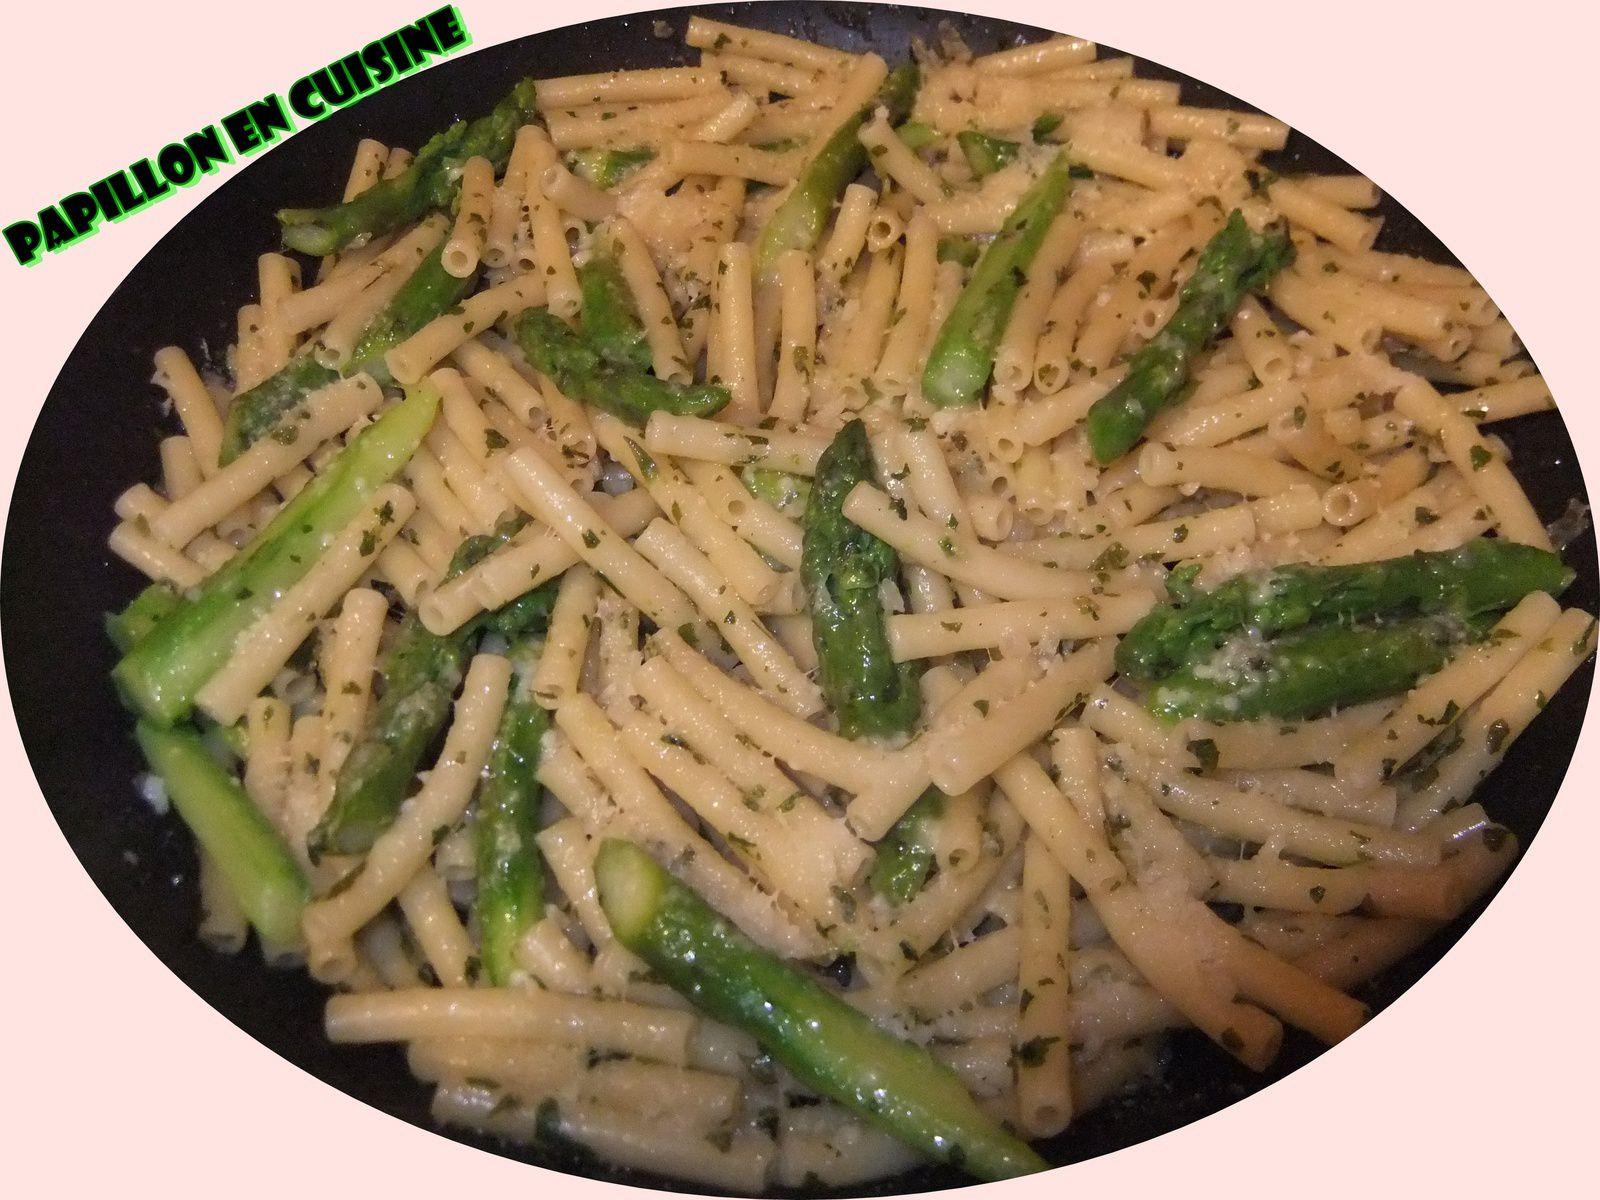 recette p tes et asperges vertes au beurre d 39 ail et parmesan papillon en cuisine. Black Bedroom Furniture Sets. Home Design Ideas